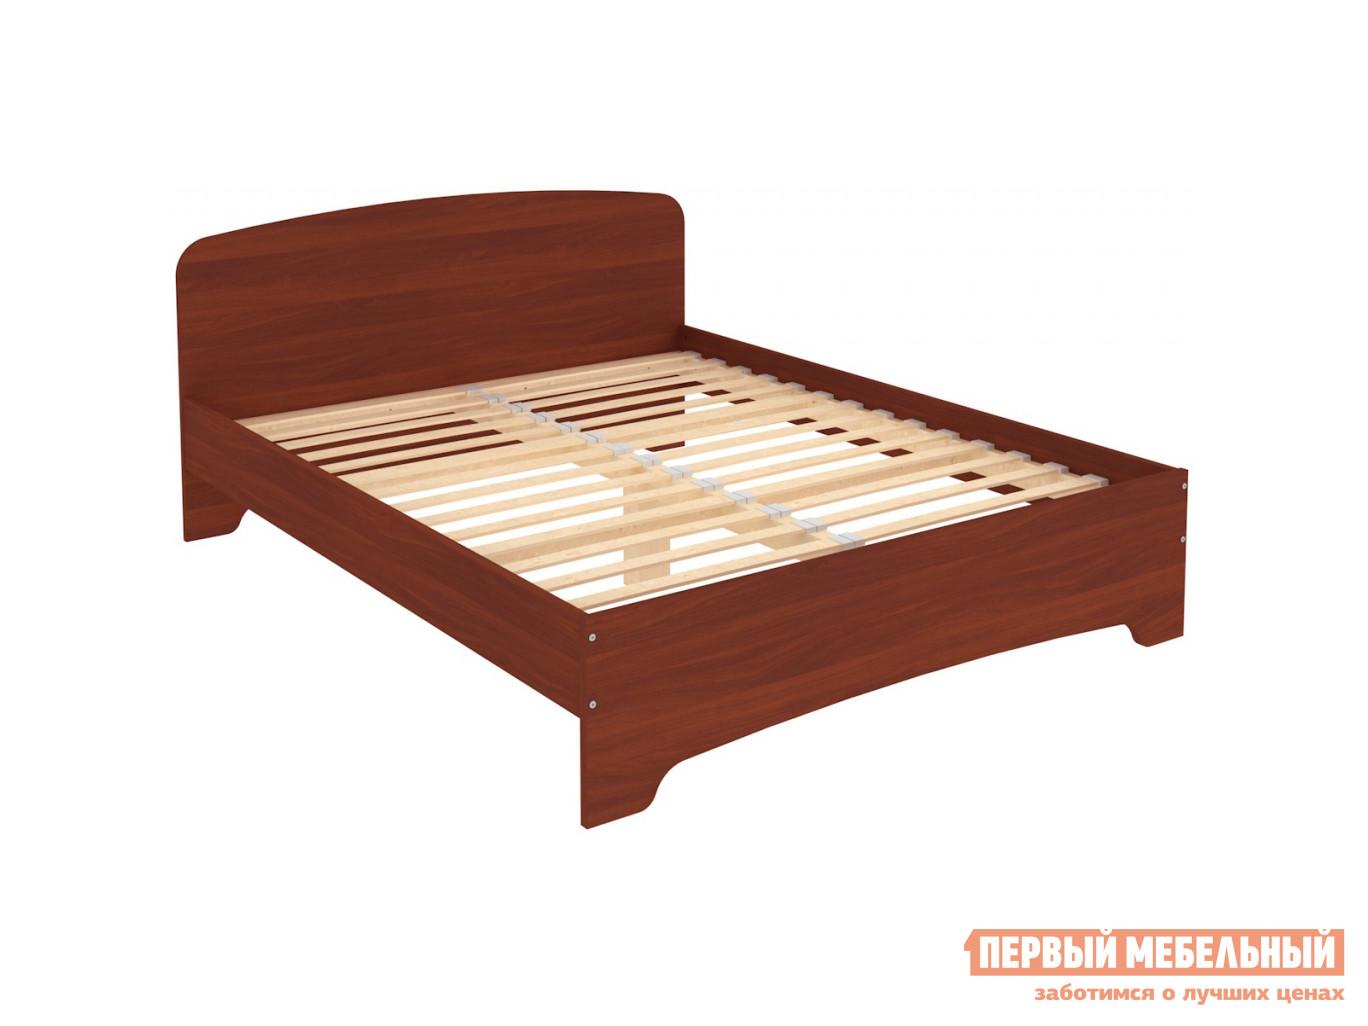 Двуспальная кровать Первый Мебельный Кровать Мерлен КМ14 / Кровать Мерлен КМ16 / Кровать Мерлен КМ18